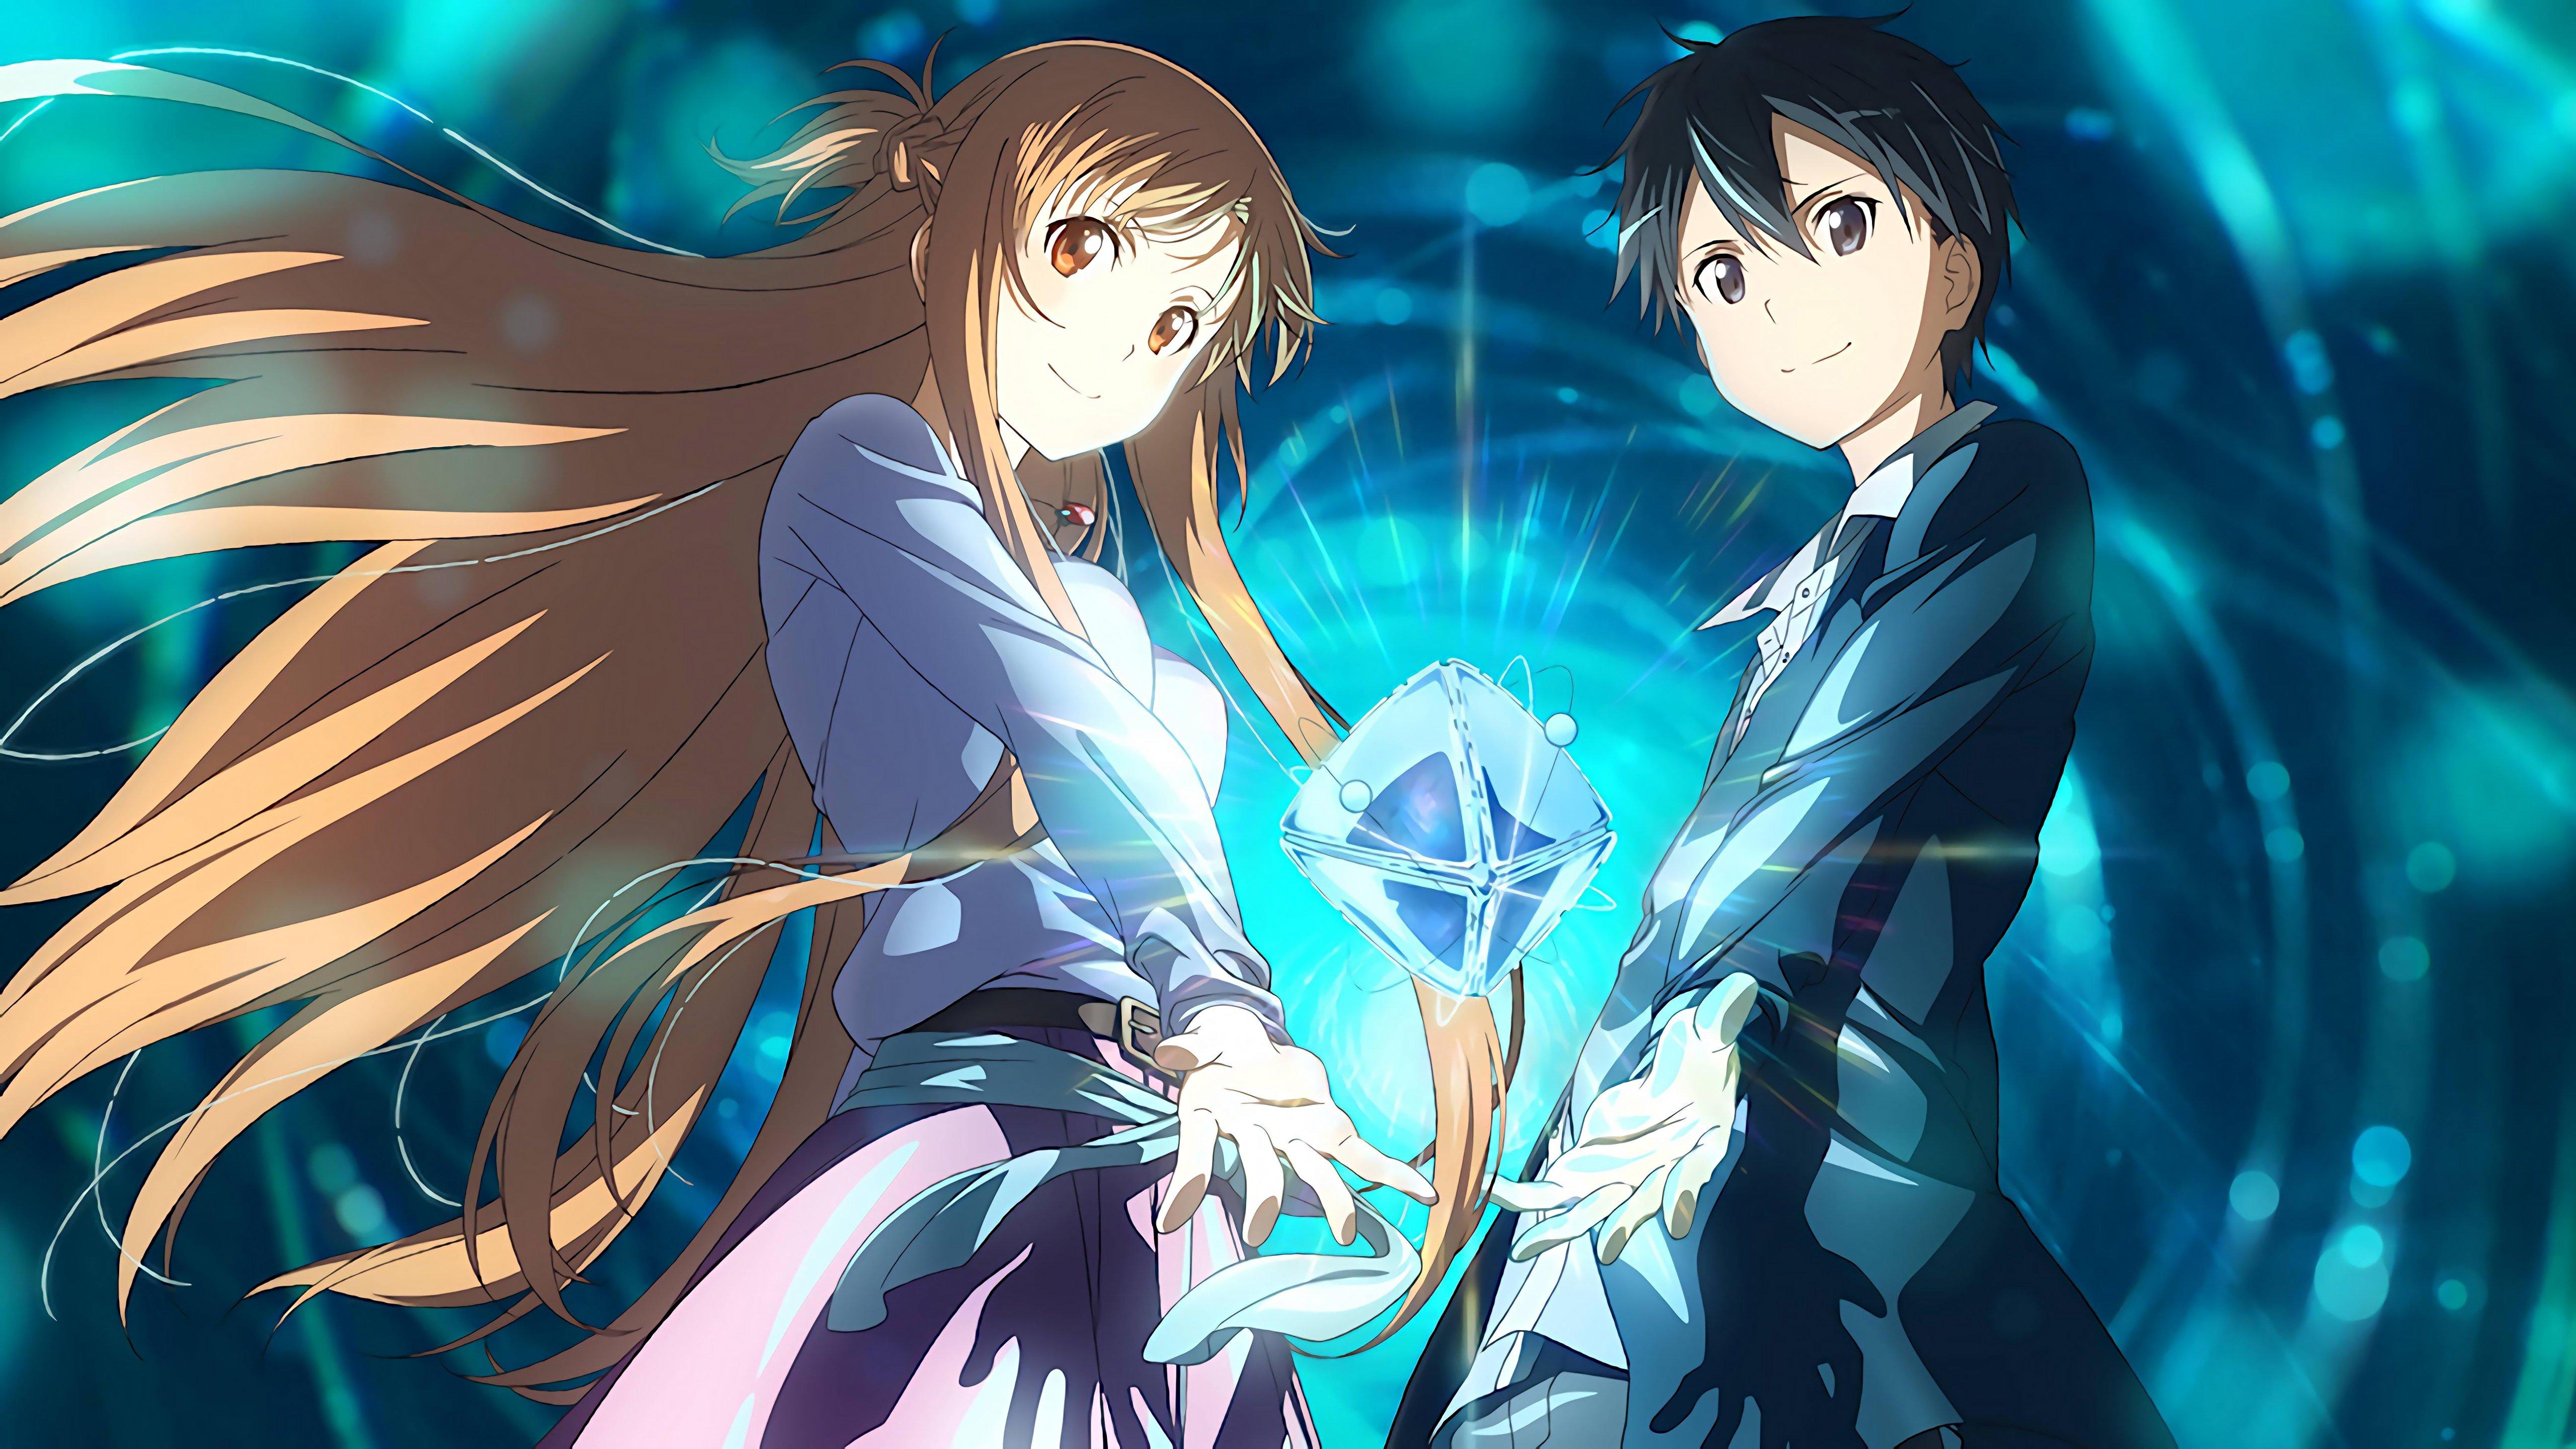 Fondos de pantalla Anime Kirito and Asuna de Sword Art Online